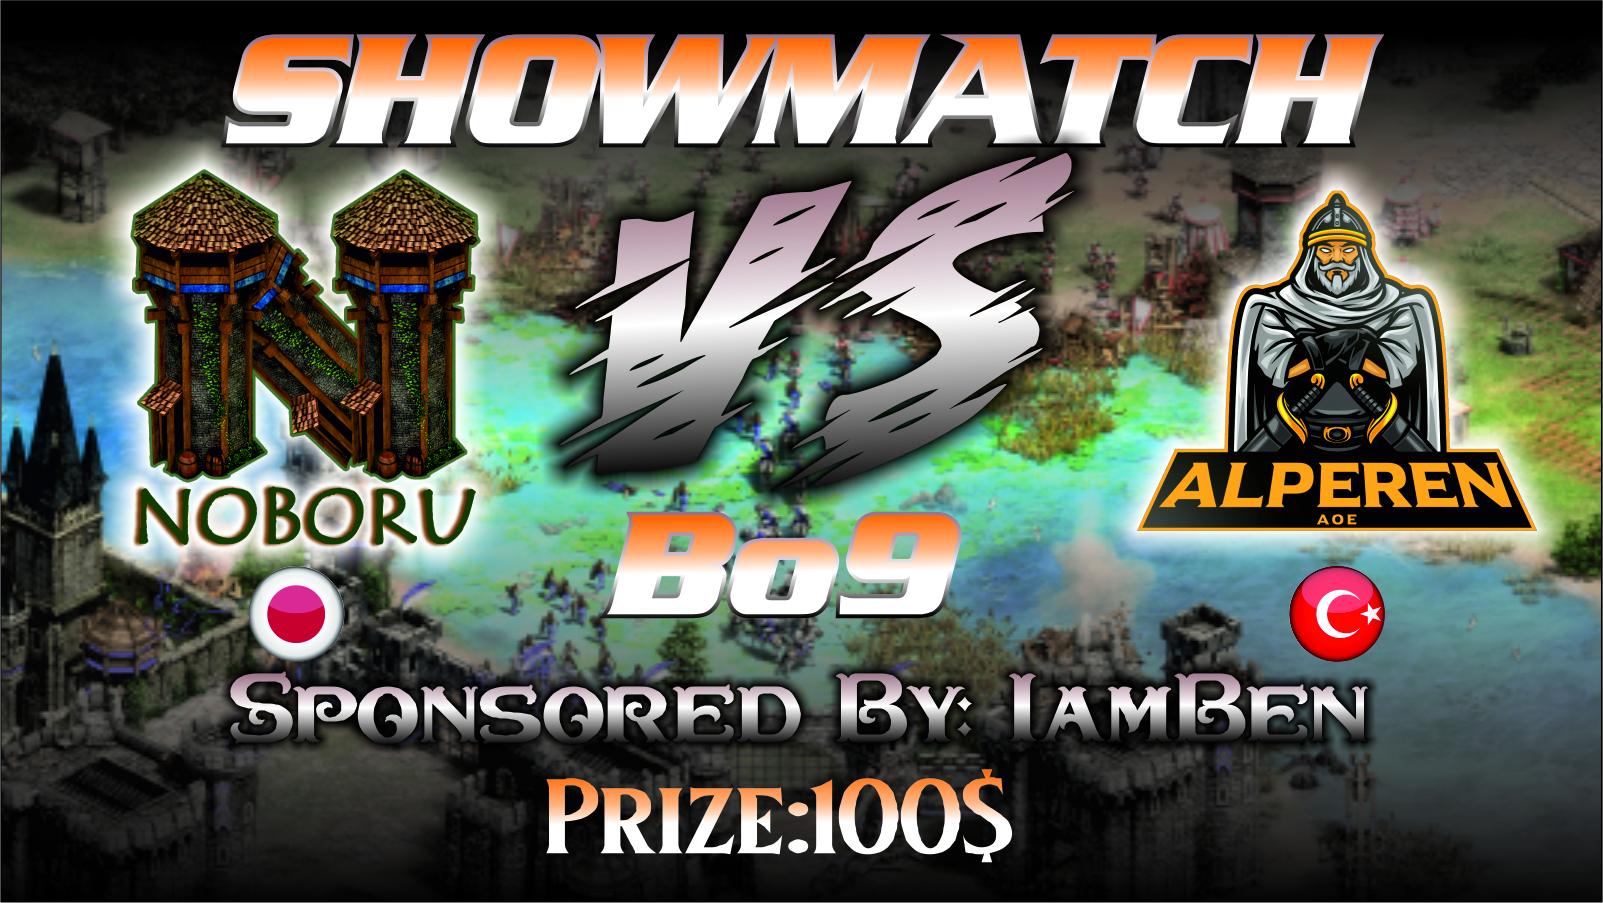 showmatch_alperen_noboru.jpg